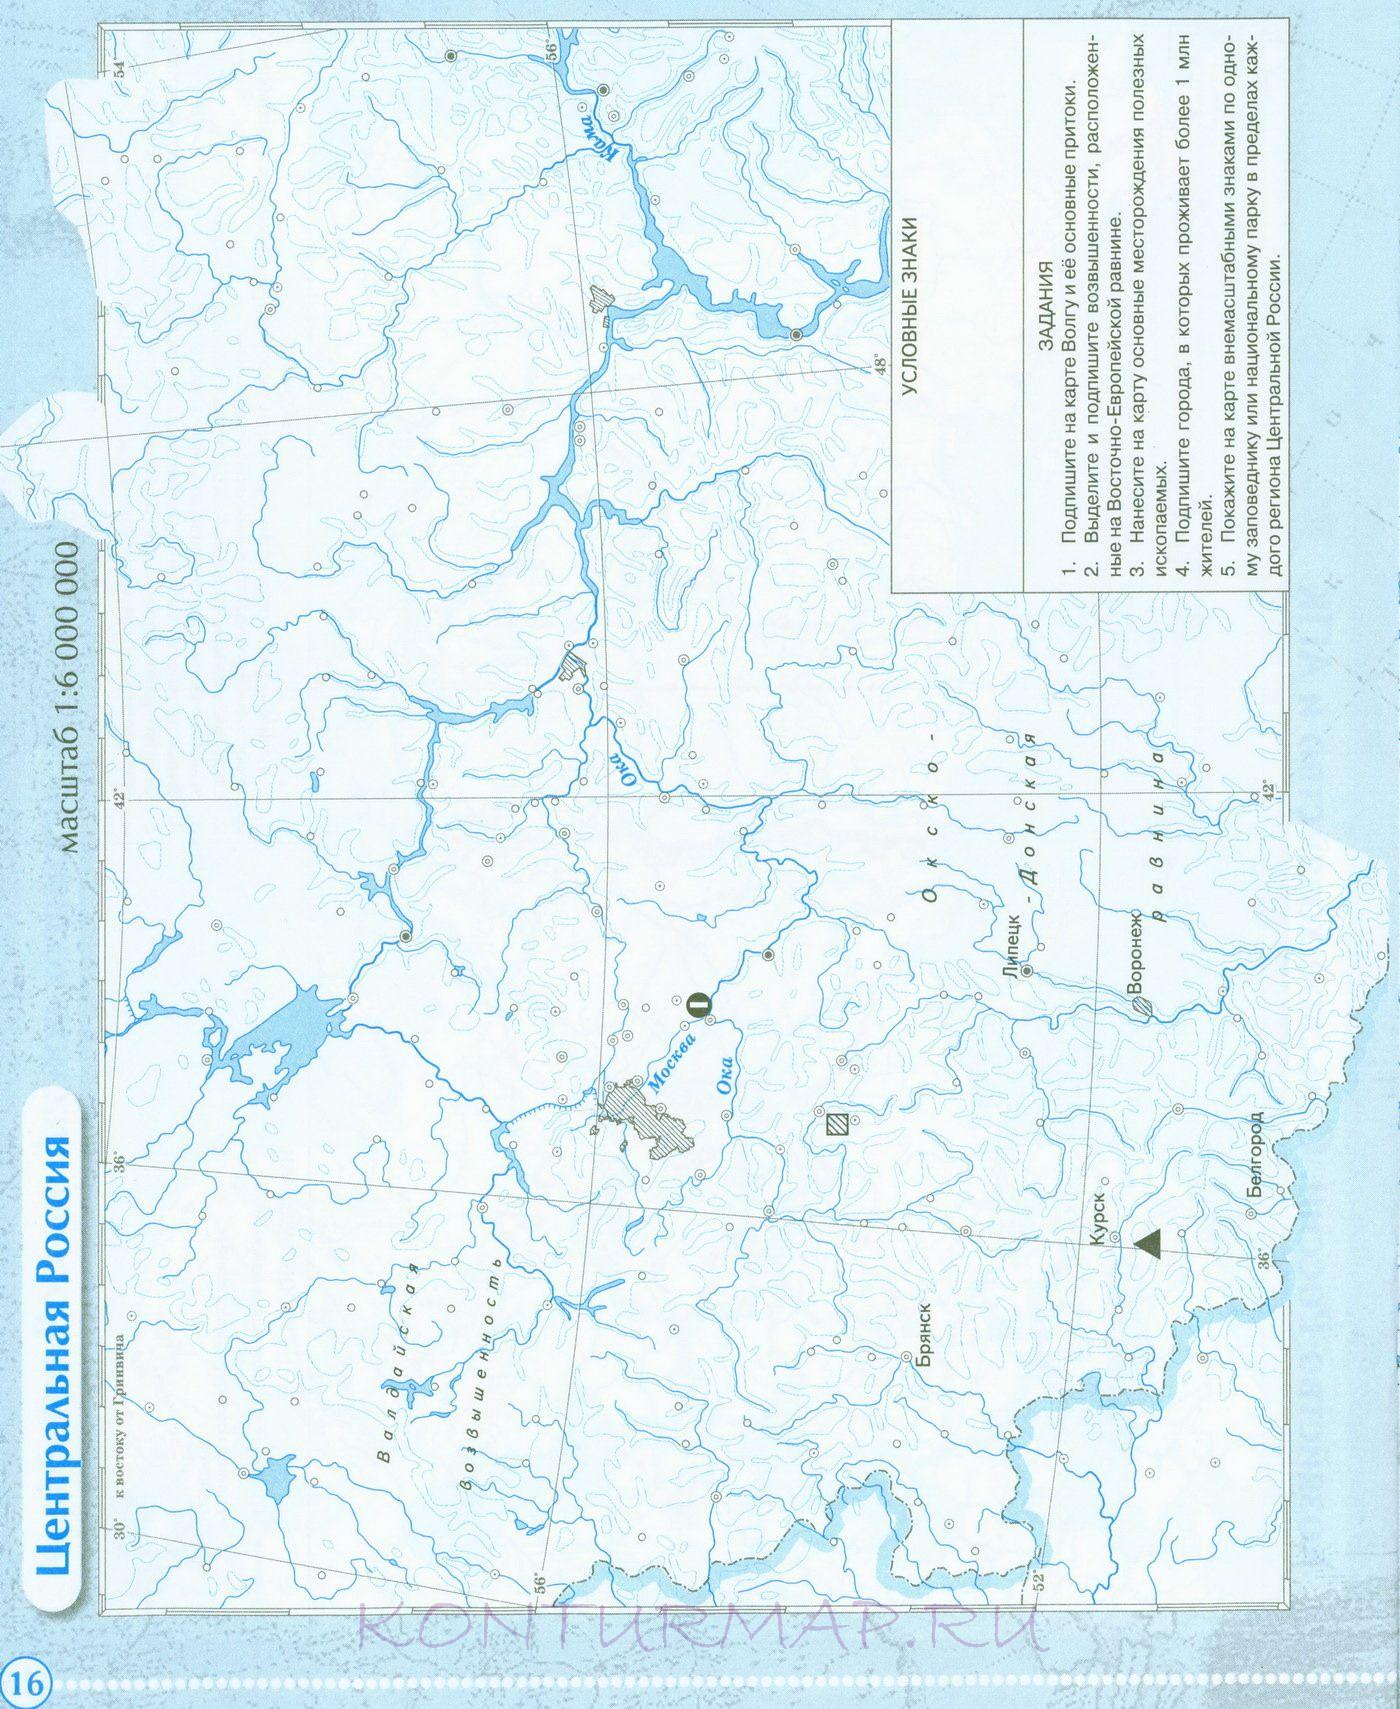 Контурная карта география 8 класс 2018 дрофа скачать бесплатно